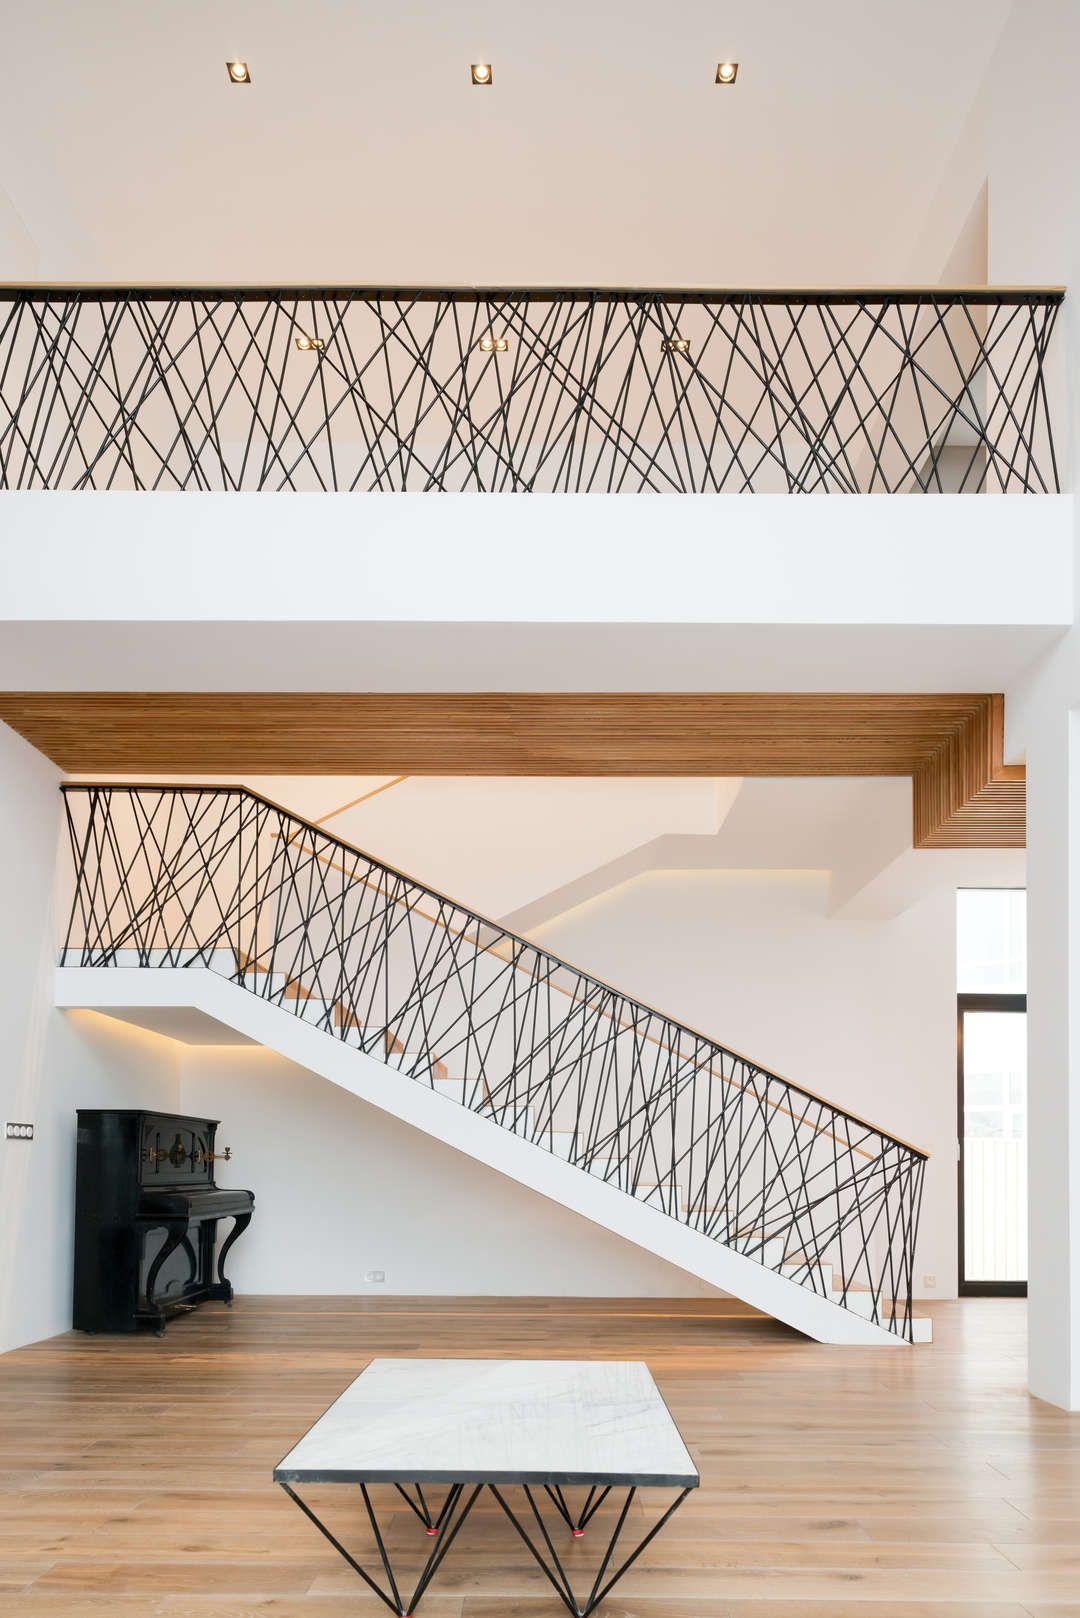 gel nder galerie leicht und locker gel nder treppe treppen design und architektur. Black Bedroom Furniture Sets. Home Design Ideas